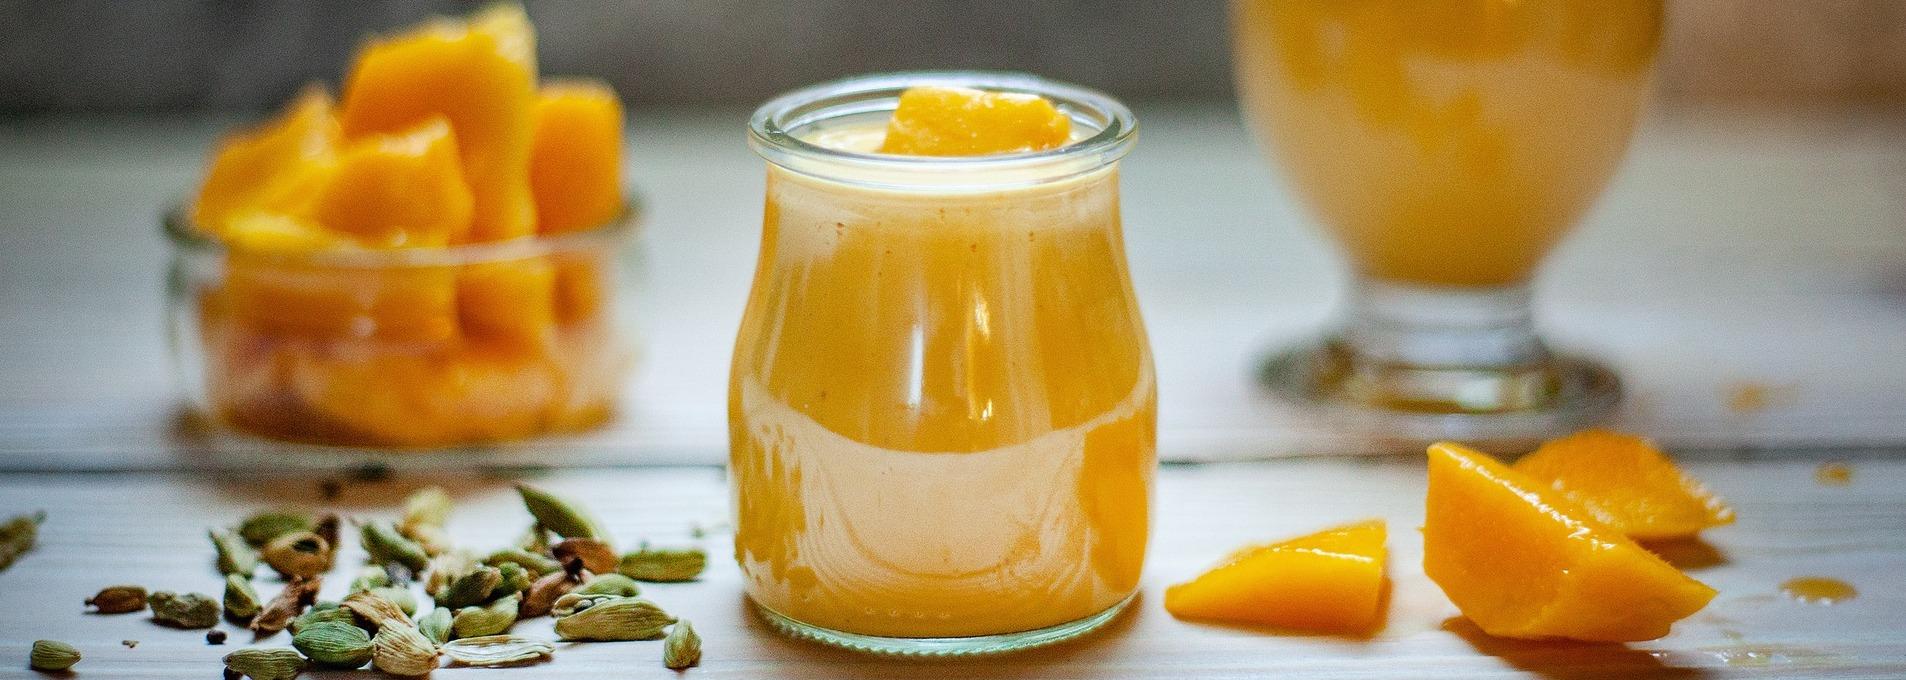 Le nectar de mangues et le jus de pommes-groseilles